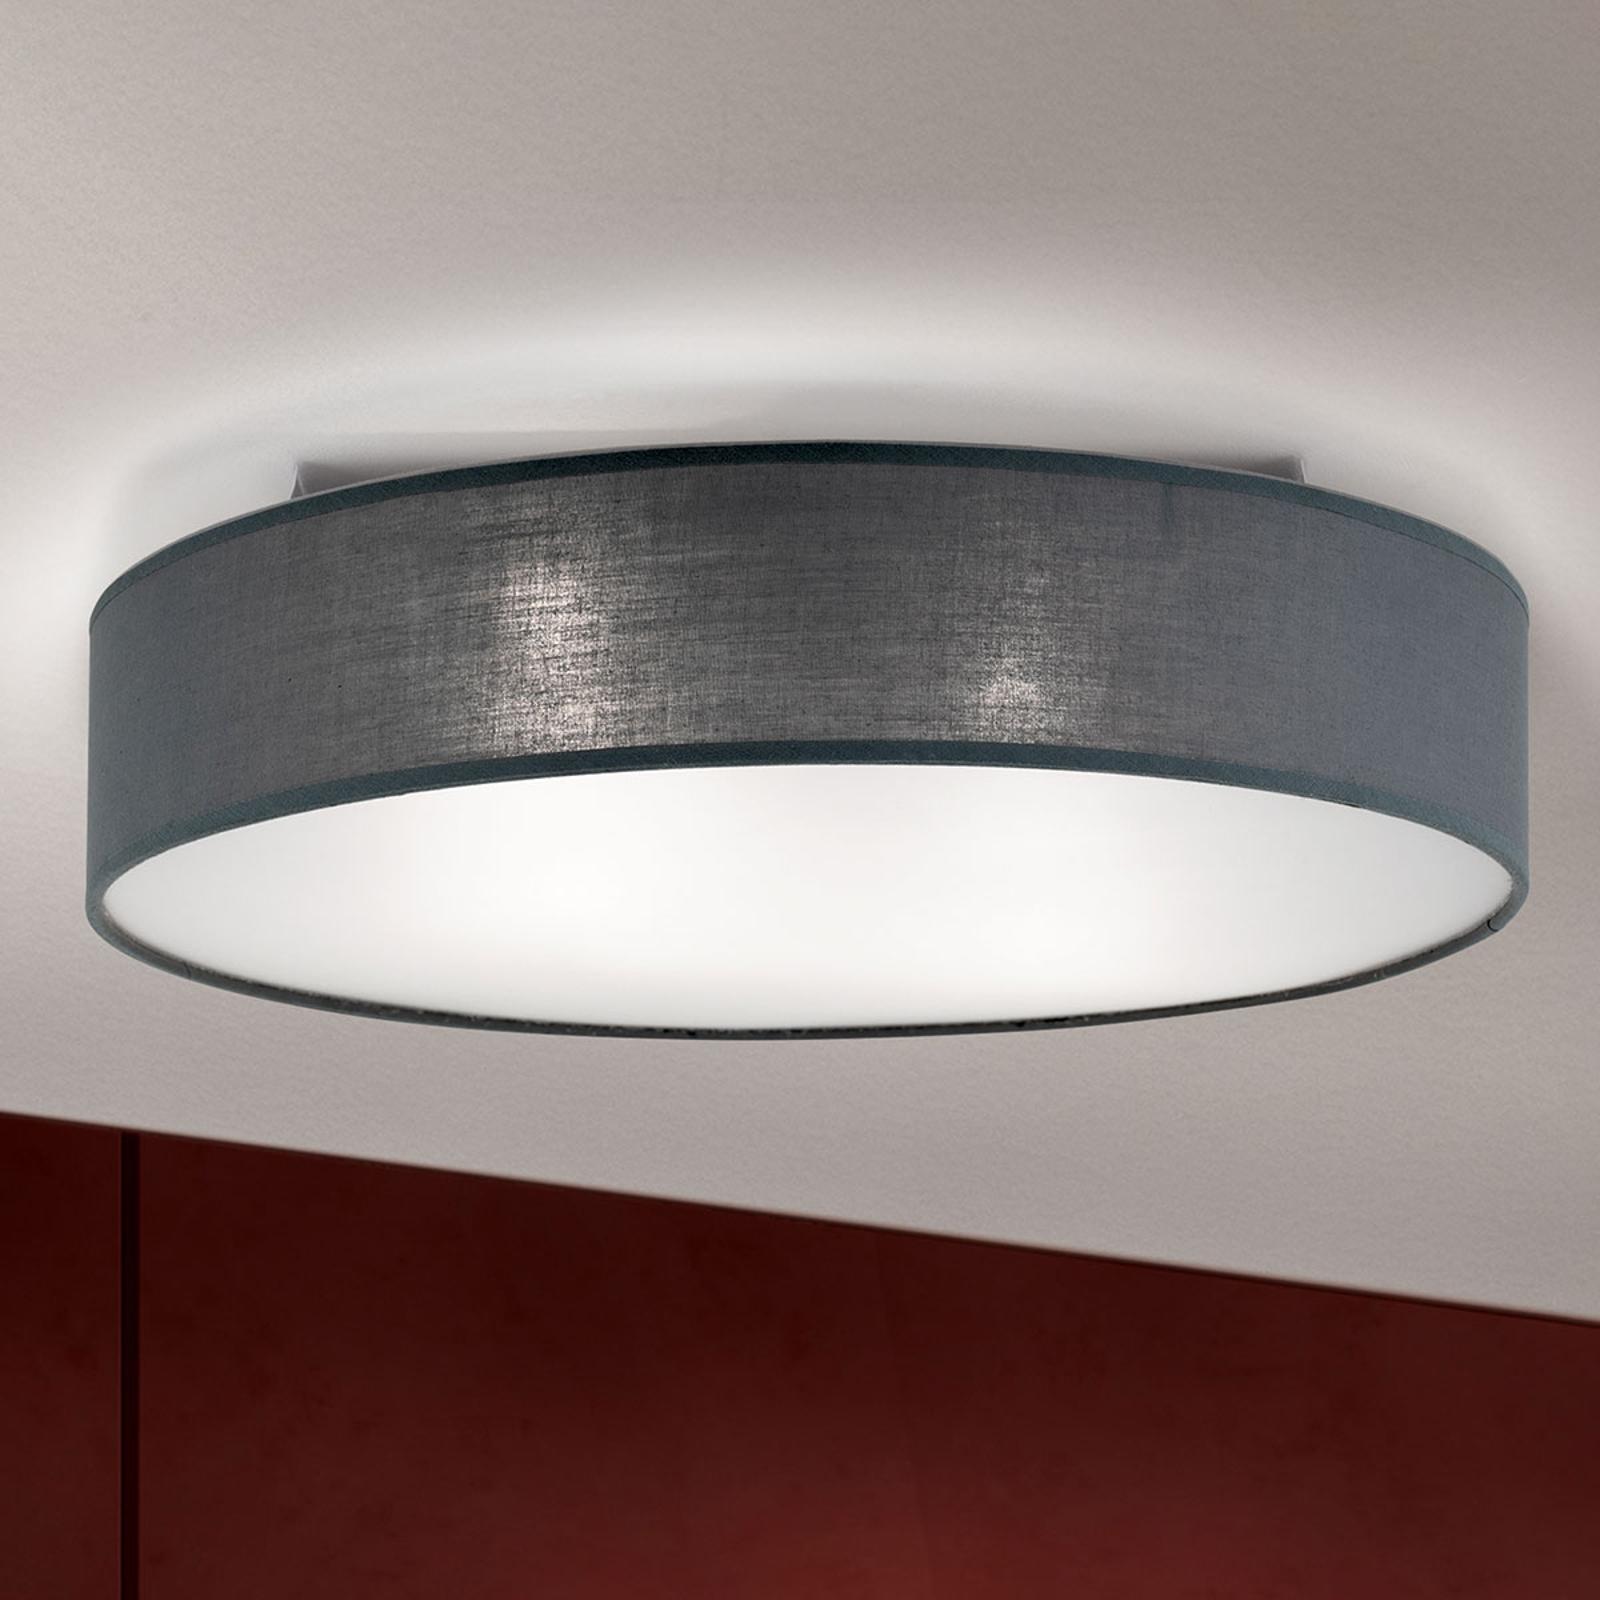 Grijze plafondlamp Ufo met linnen lampenkap